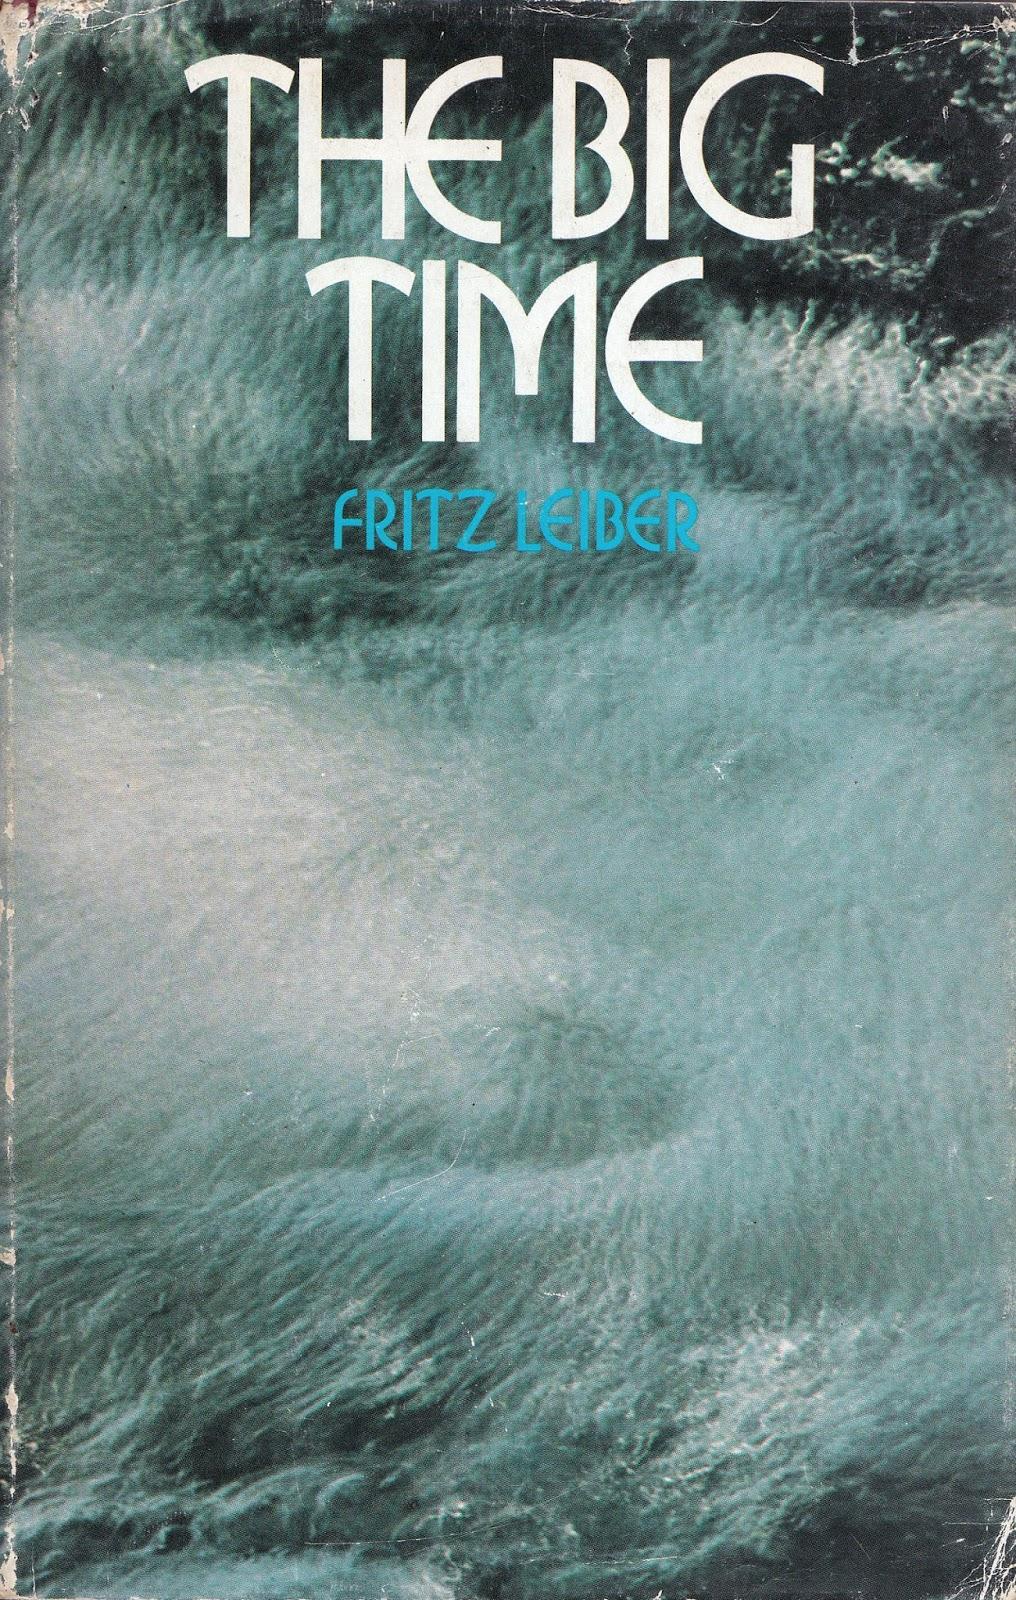 fritz+leiber+grande+tempo